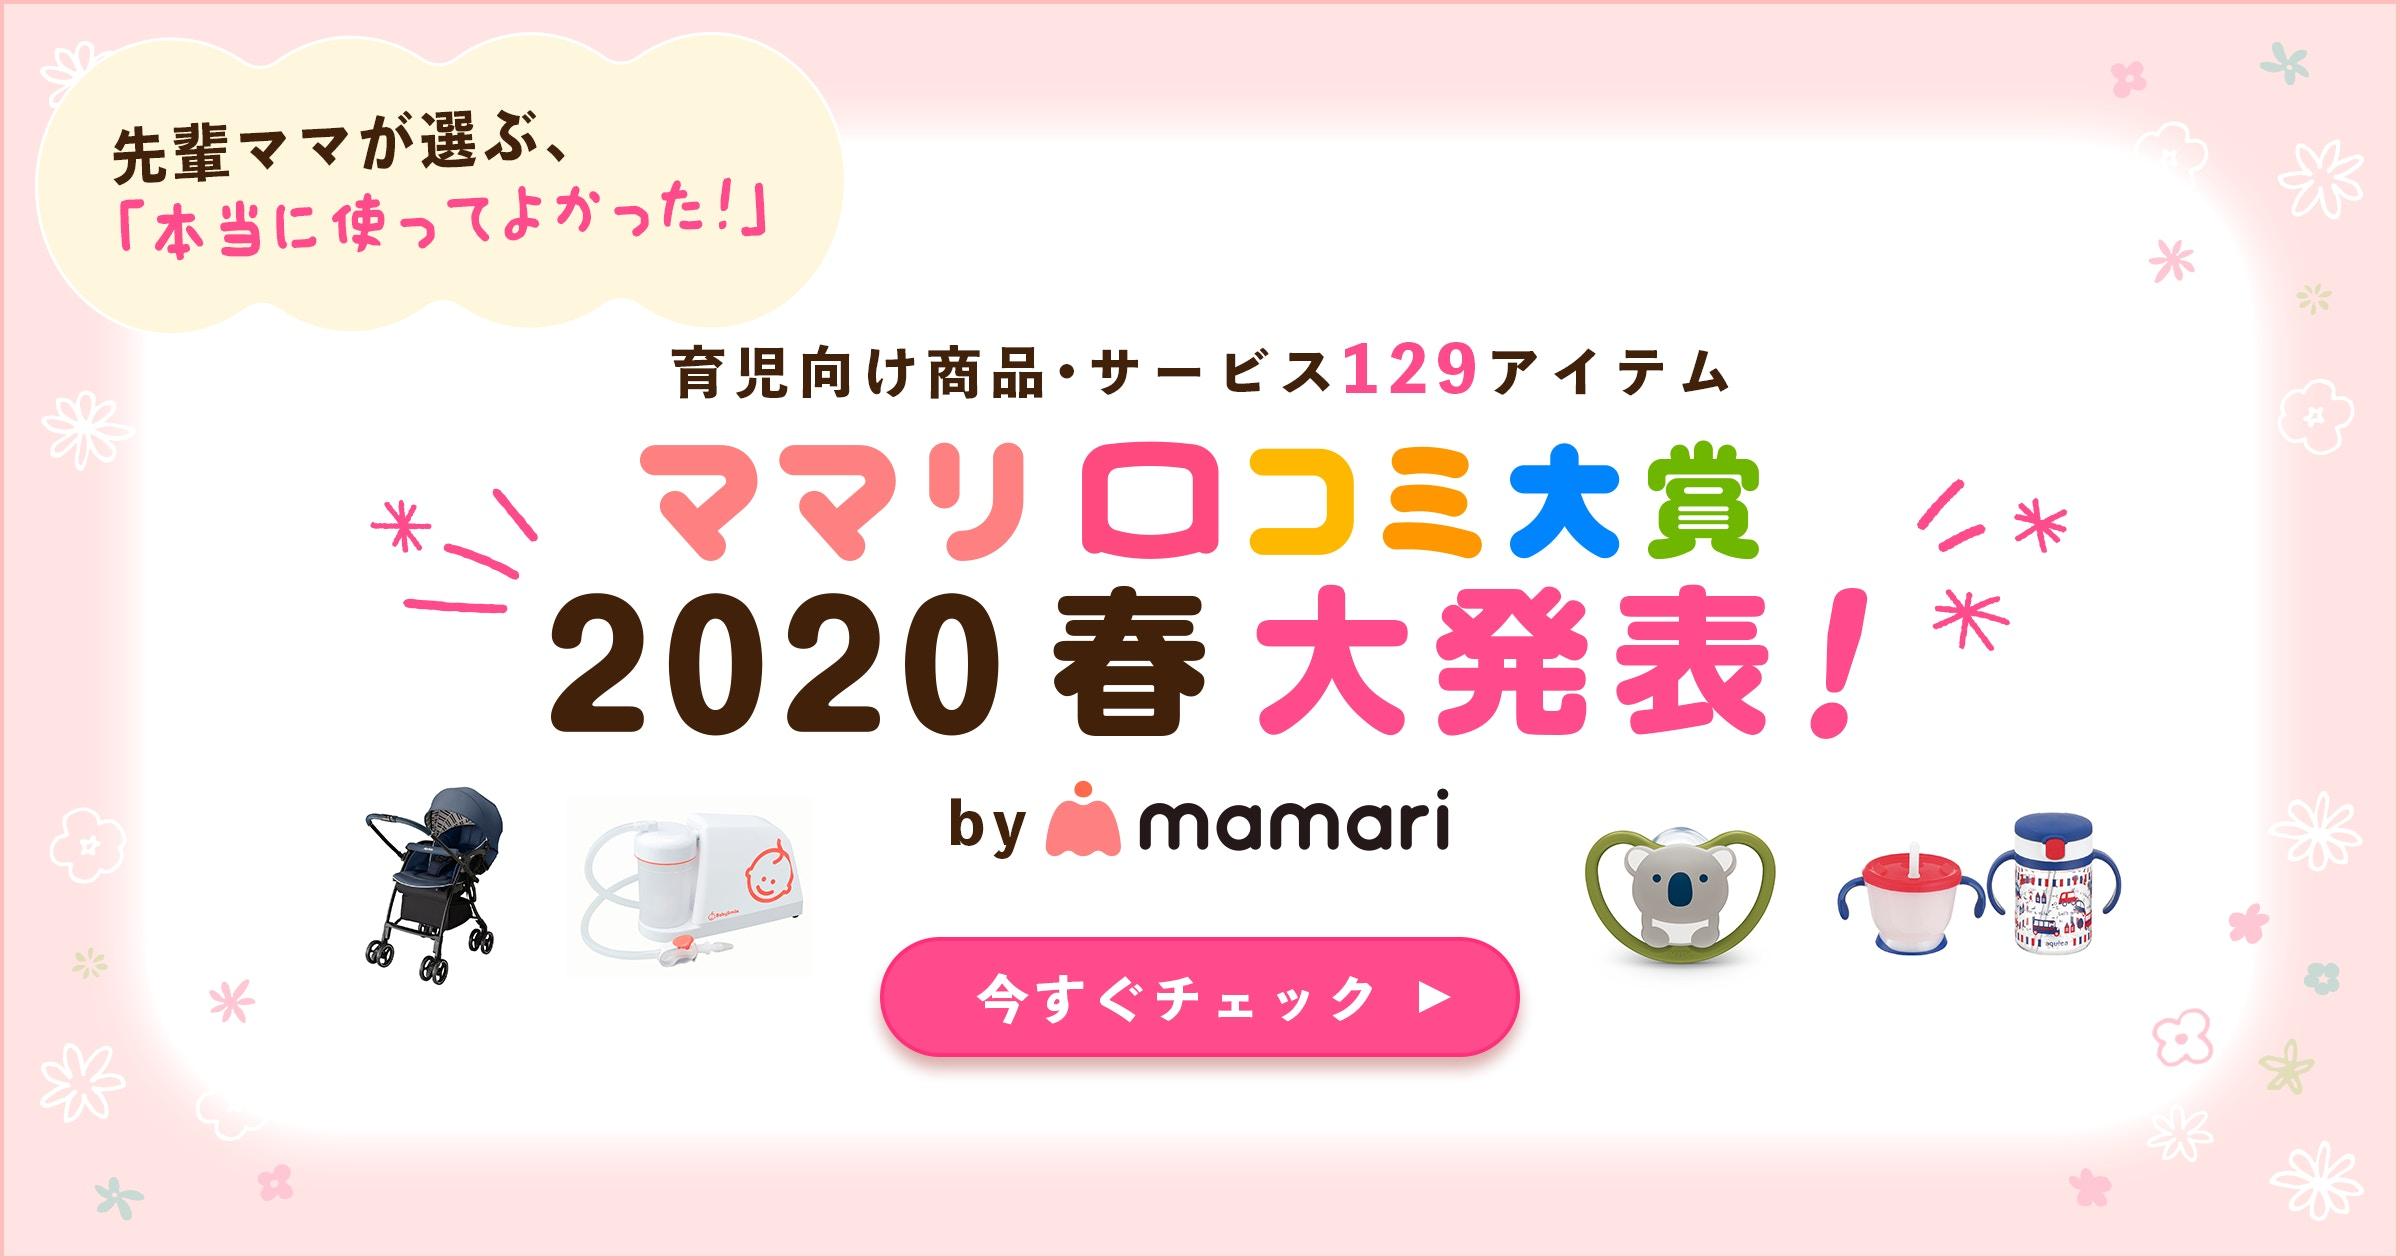 ママリ口コミ大賞2020春大発表!